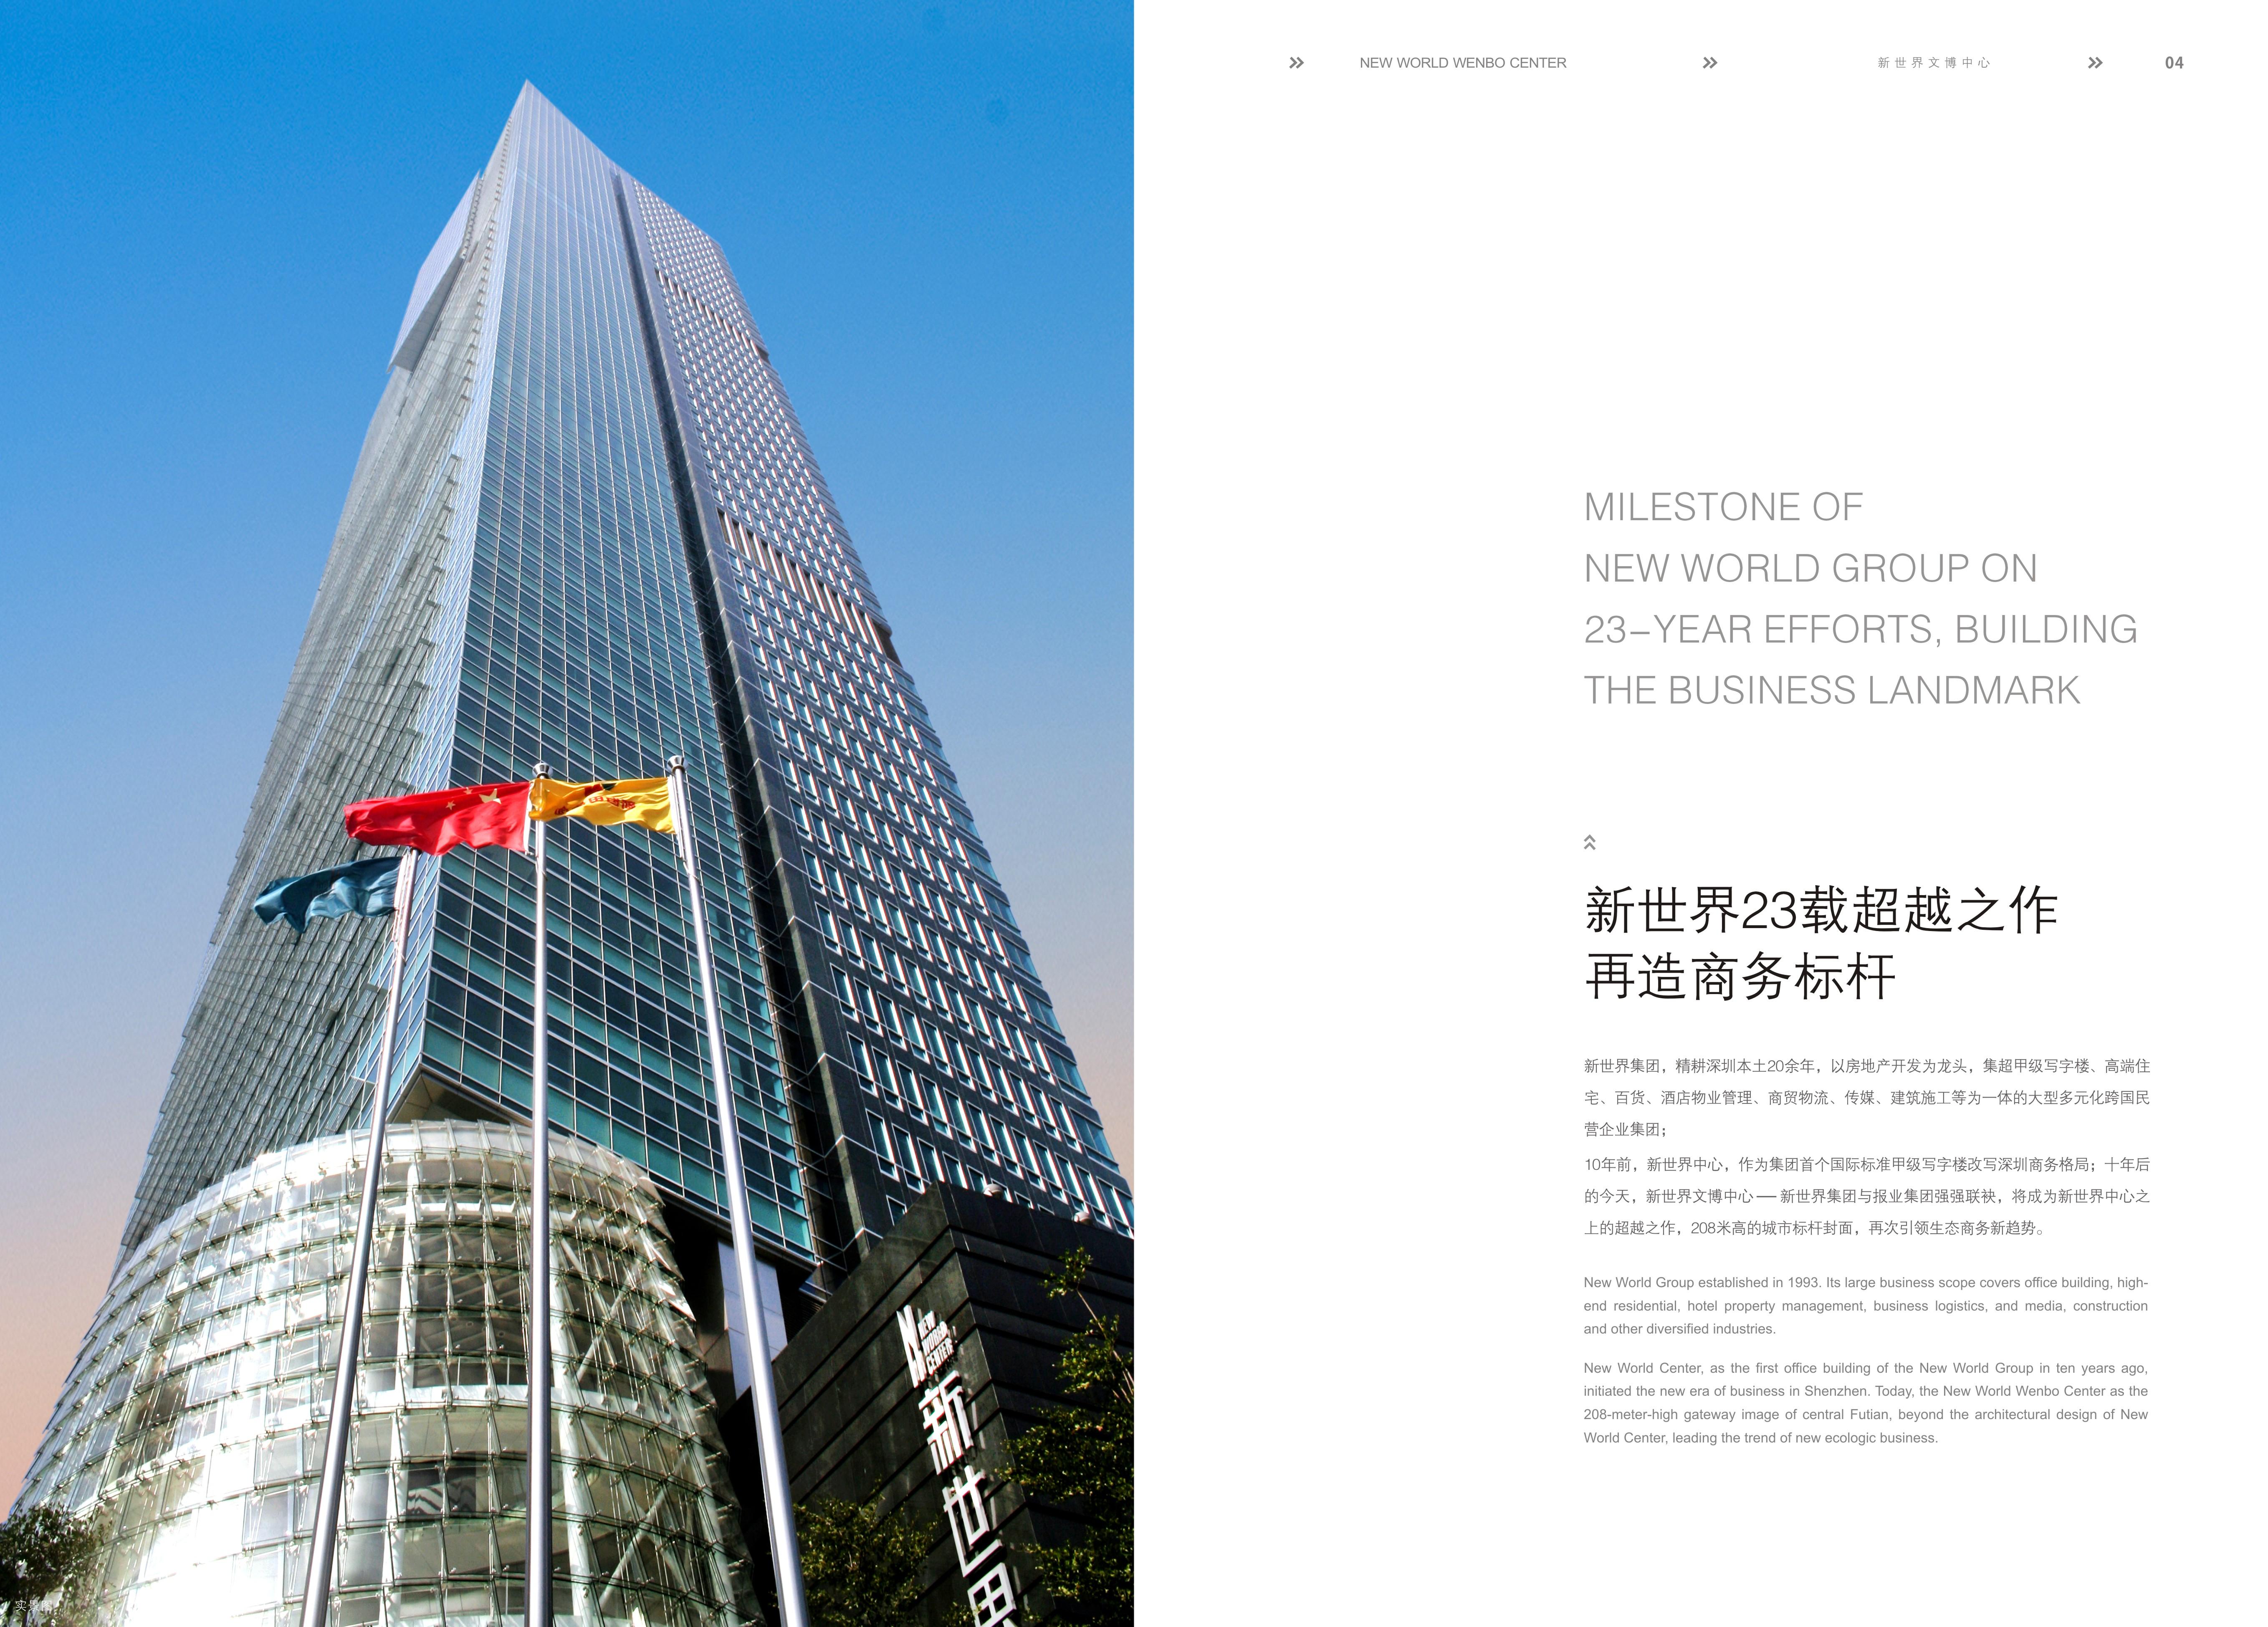 深圳新世界中心